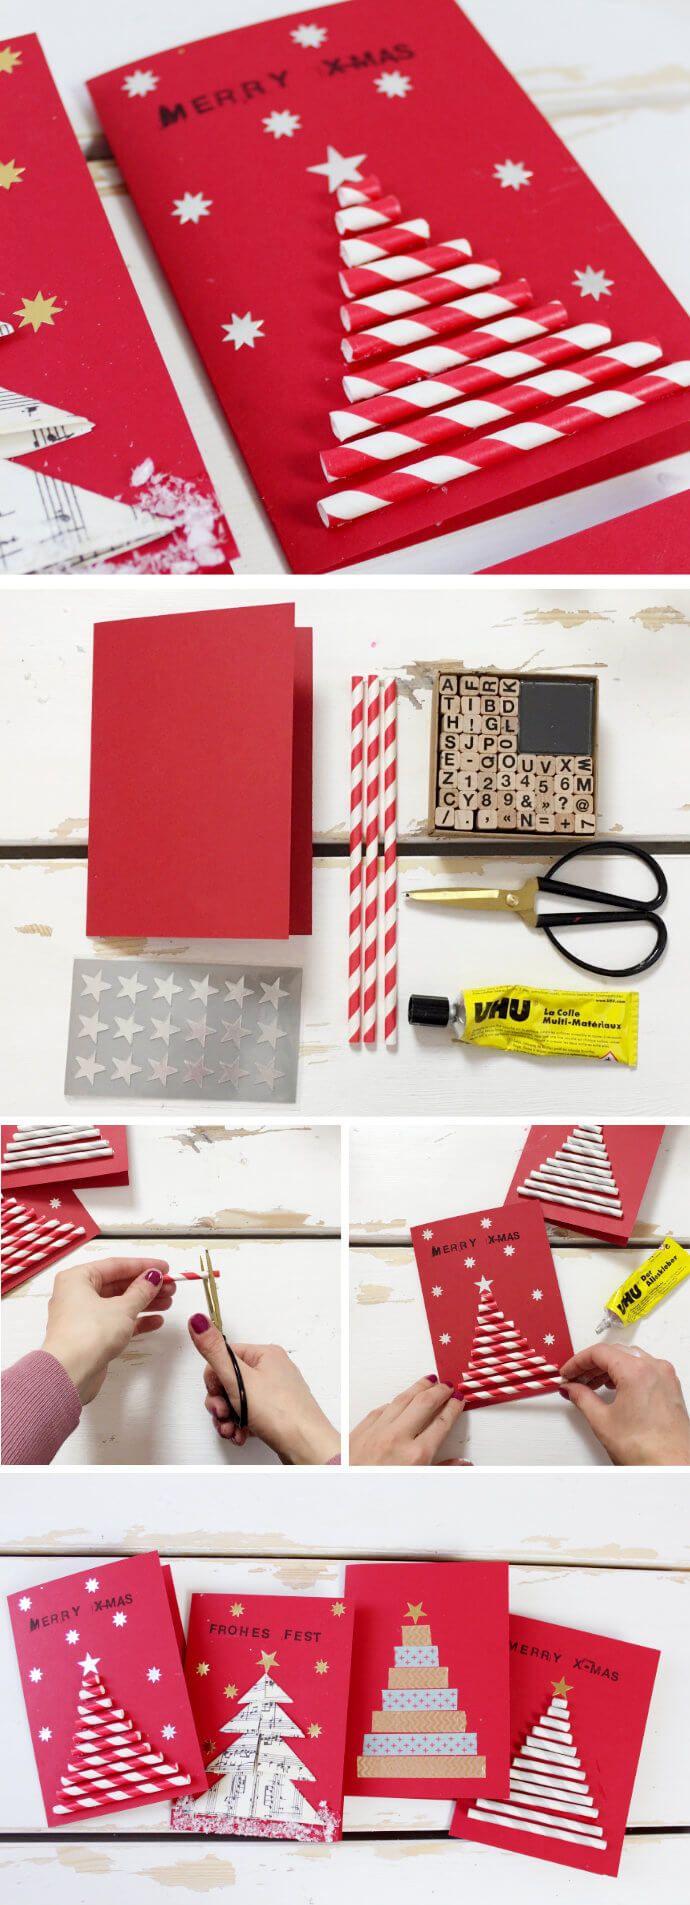 DIY Geschenke für Weihnachten: 3 originelle DIY-Ideen | Geschenke ...